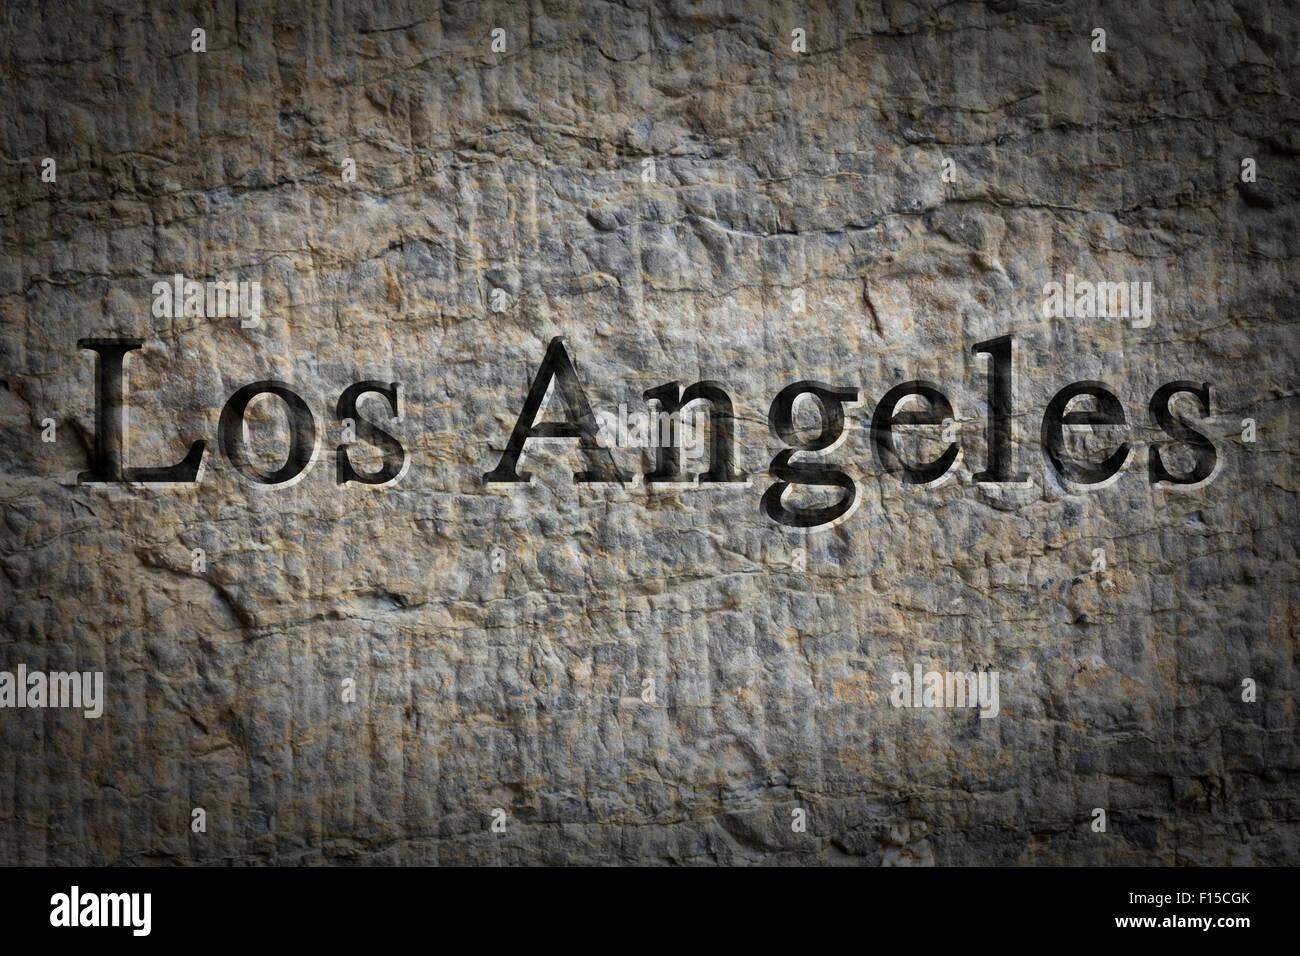 Engraving Spelling City Los Angeles Imágenes De Stock & Engraving ...